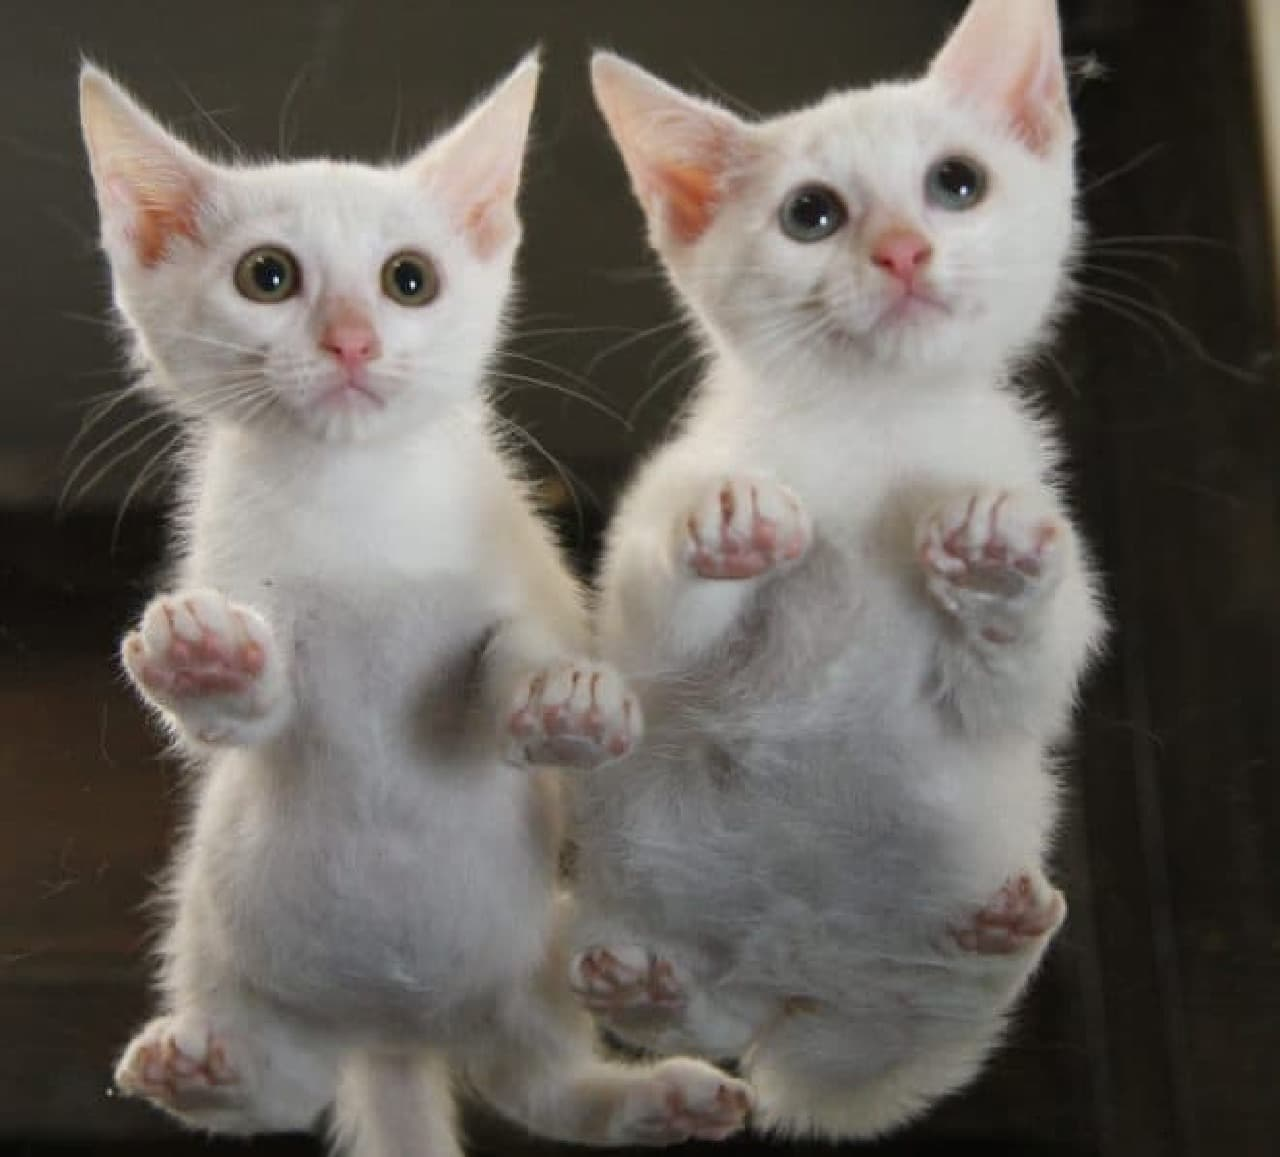 「にゃんたま」の芳澤ルミ子さんによる最新写真集『ネコの裏側』